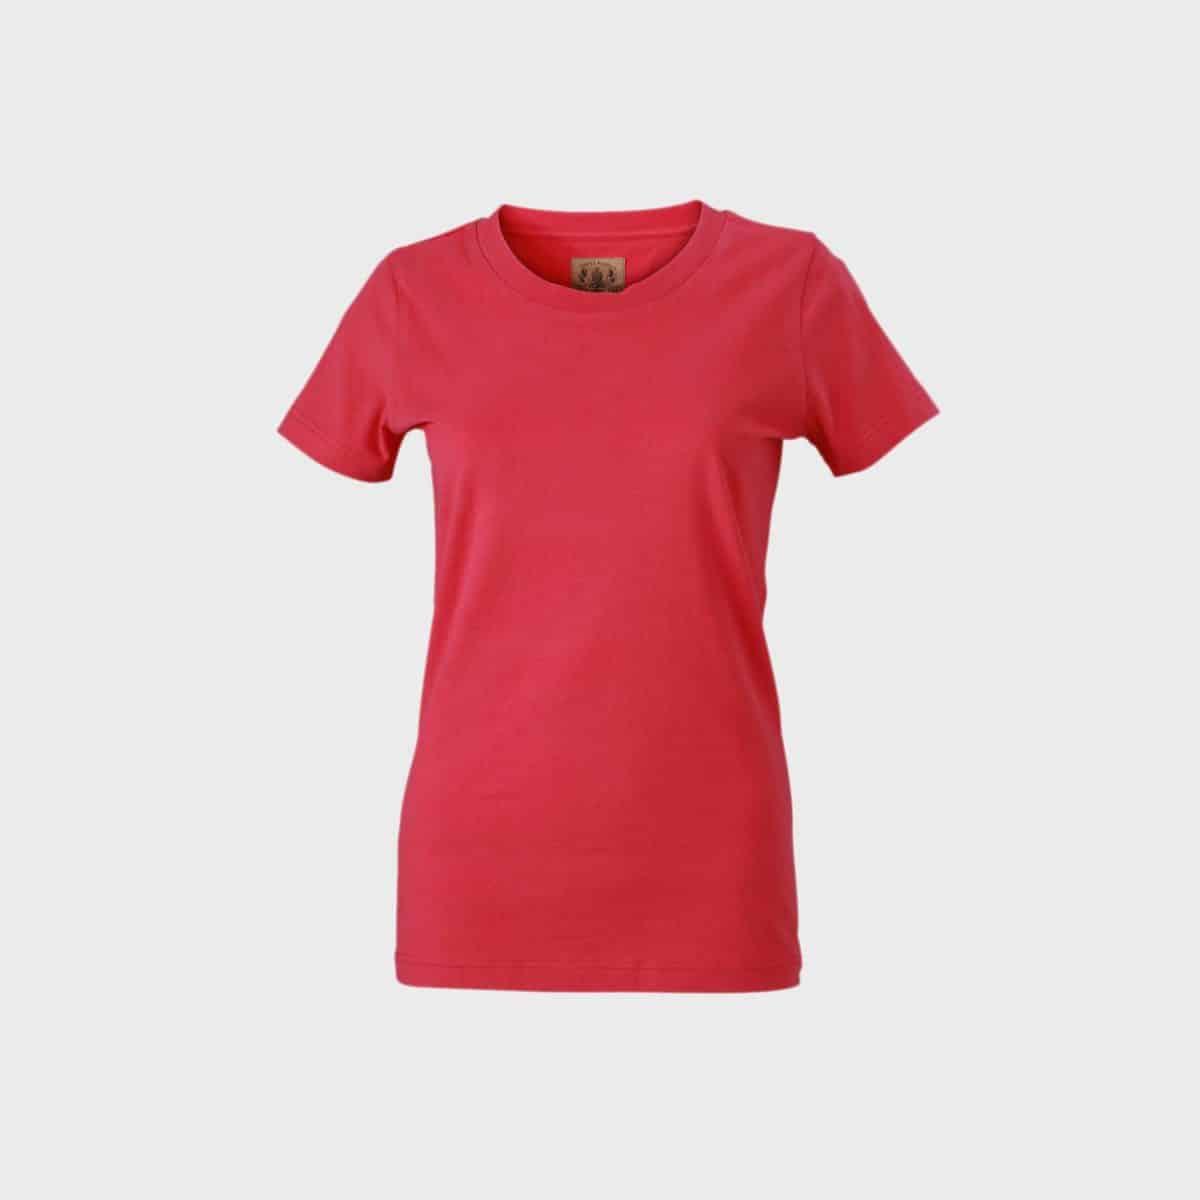 vintage-t-shirt-damen-pink-kaufen-besticken_stickmanufaktur